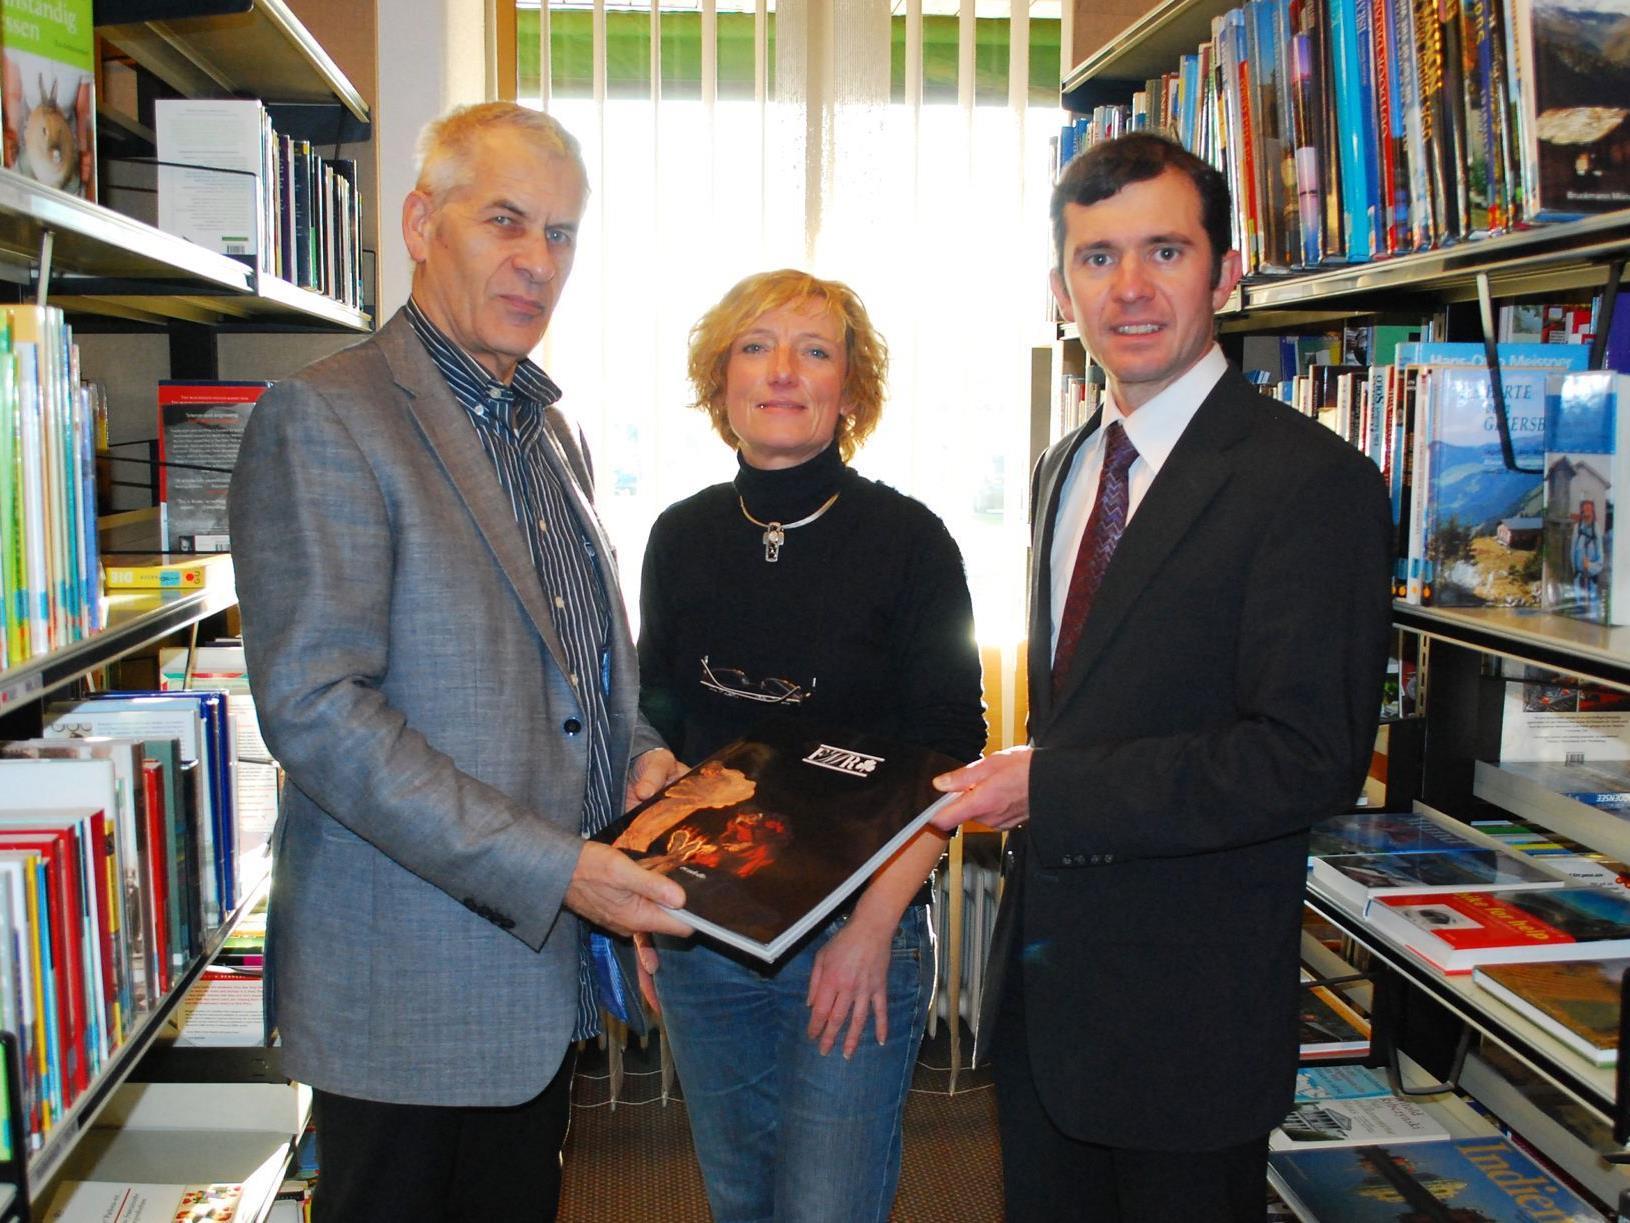 Josef Kräutler n BGM. Ing. Martin Summer und Bibliothekarin Maria Berloffa.